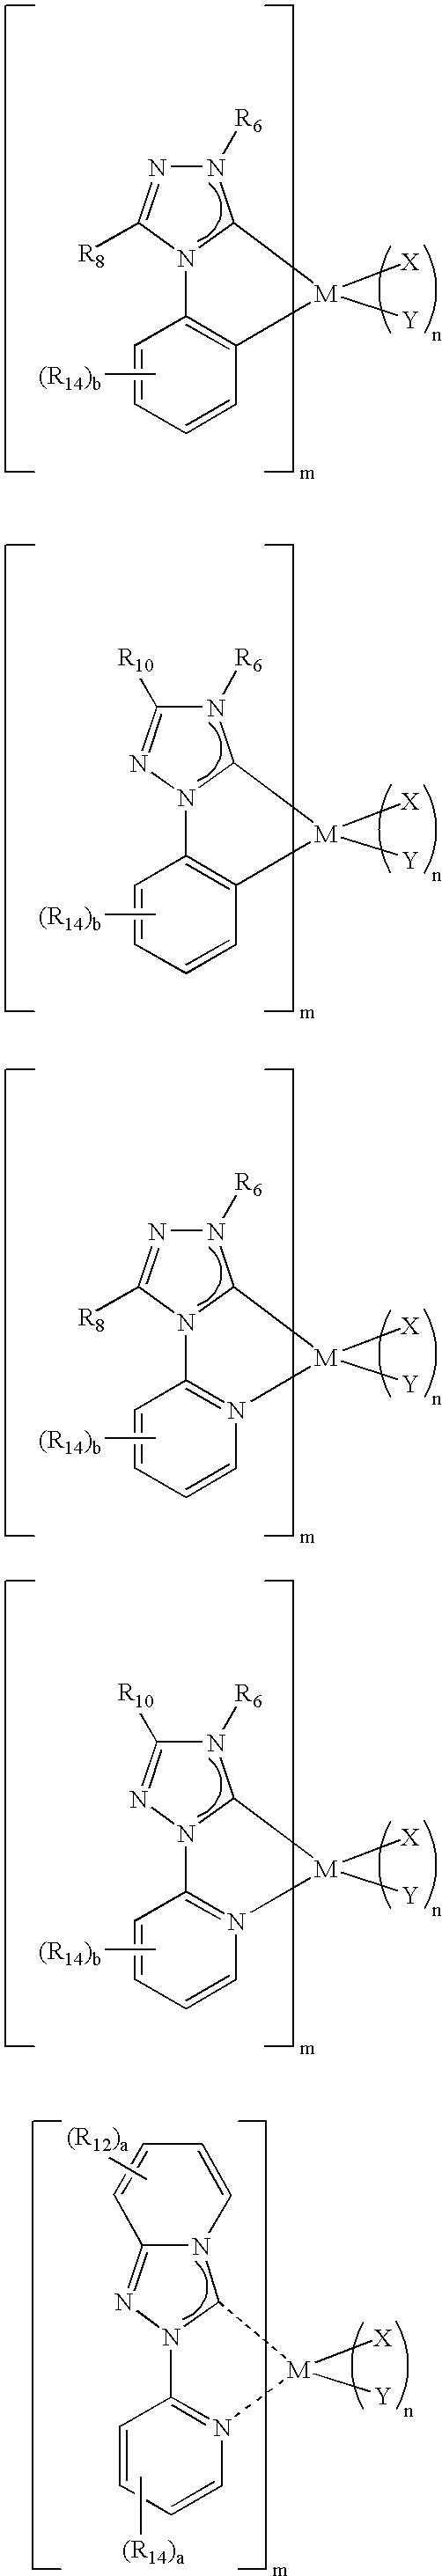 Figure US20090140640A1-20090604-C00041